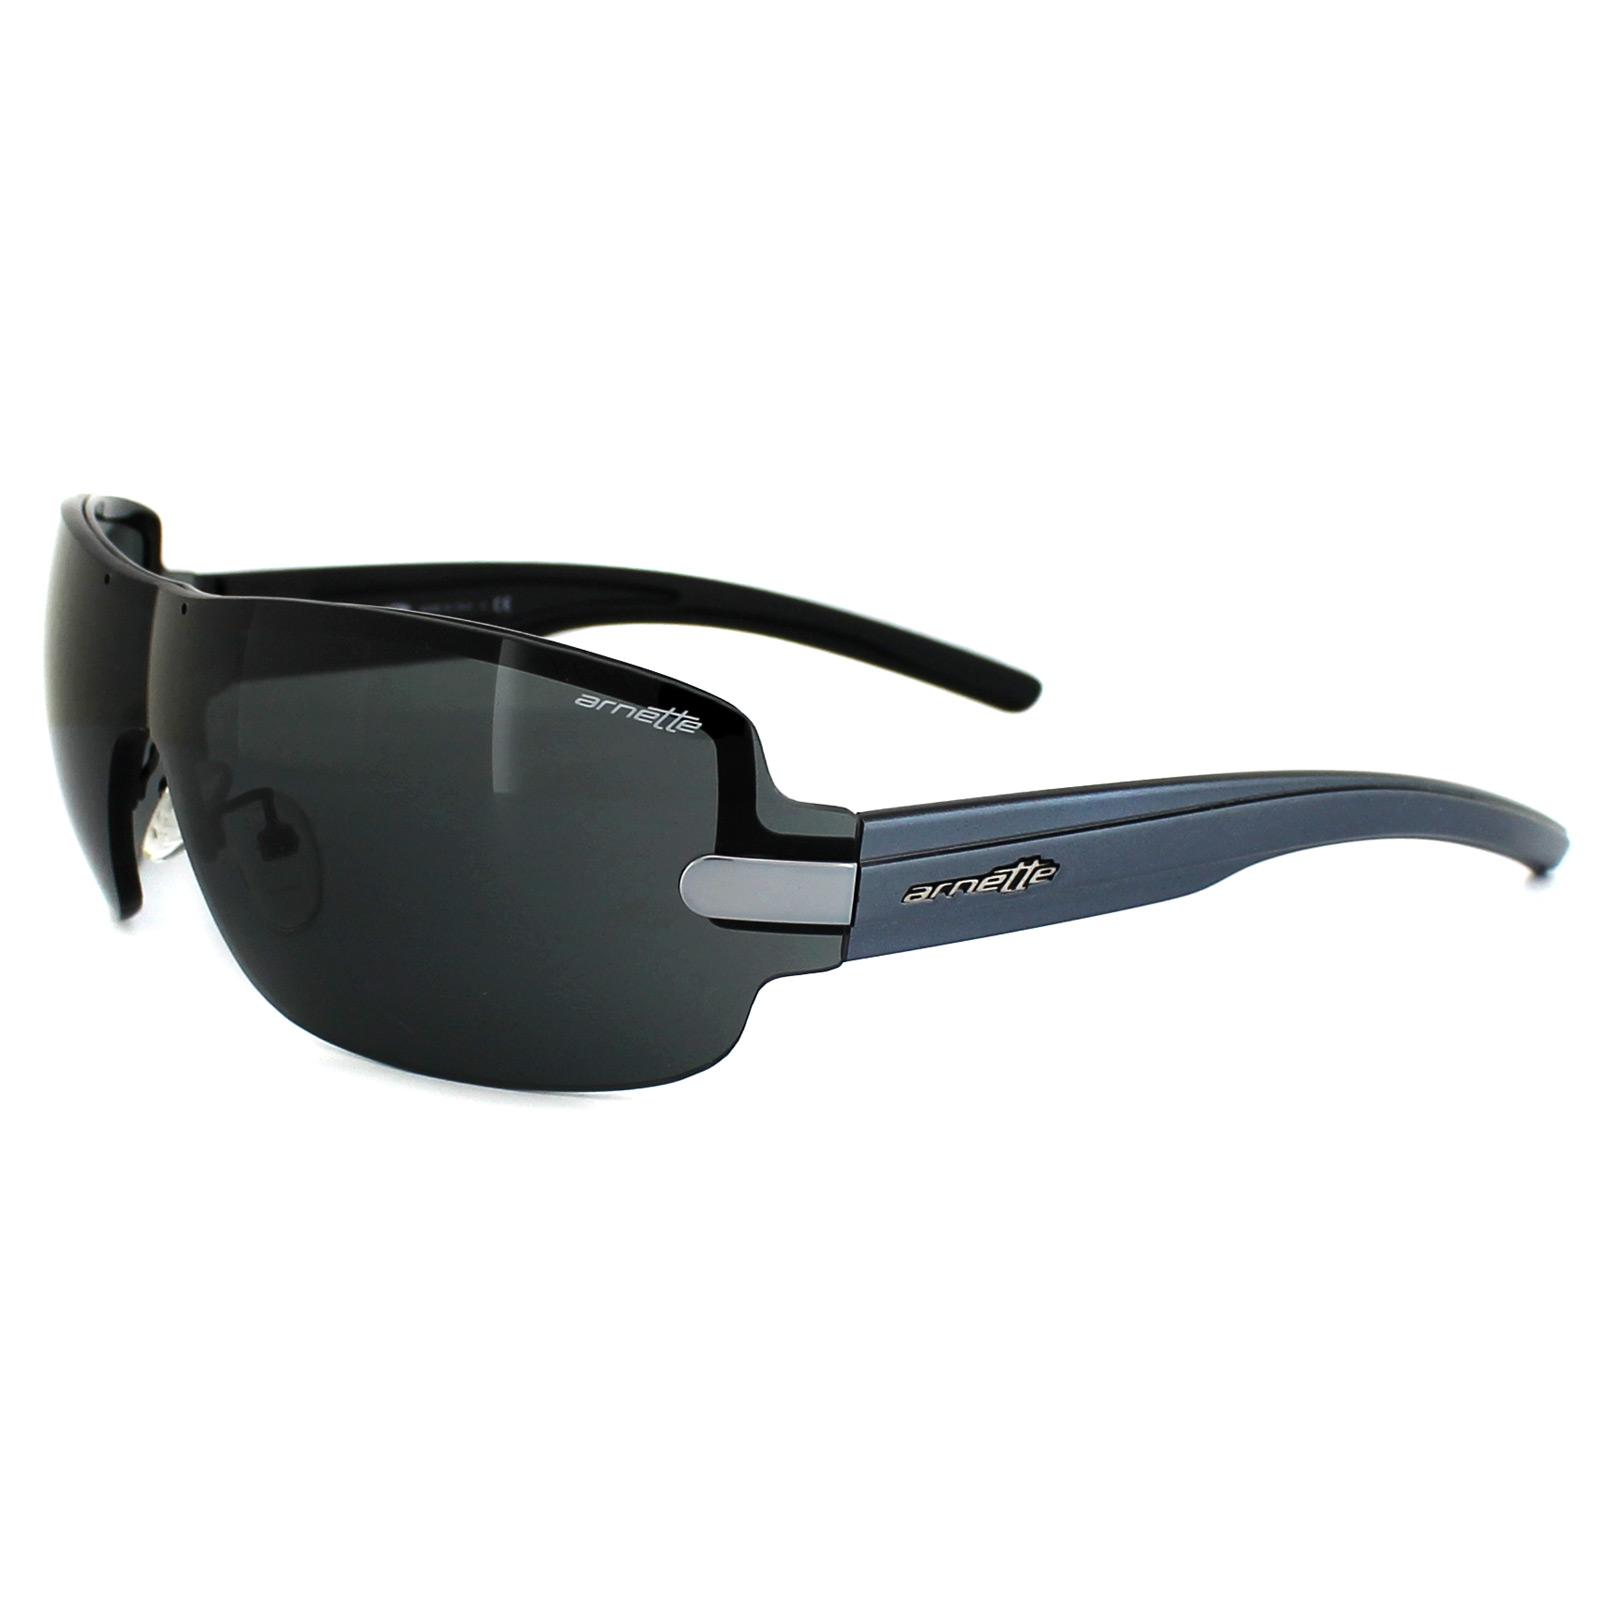 gafas de sol hombre arnette